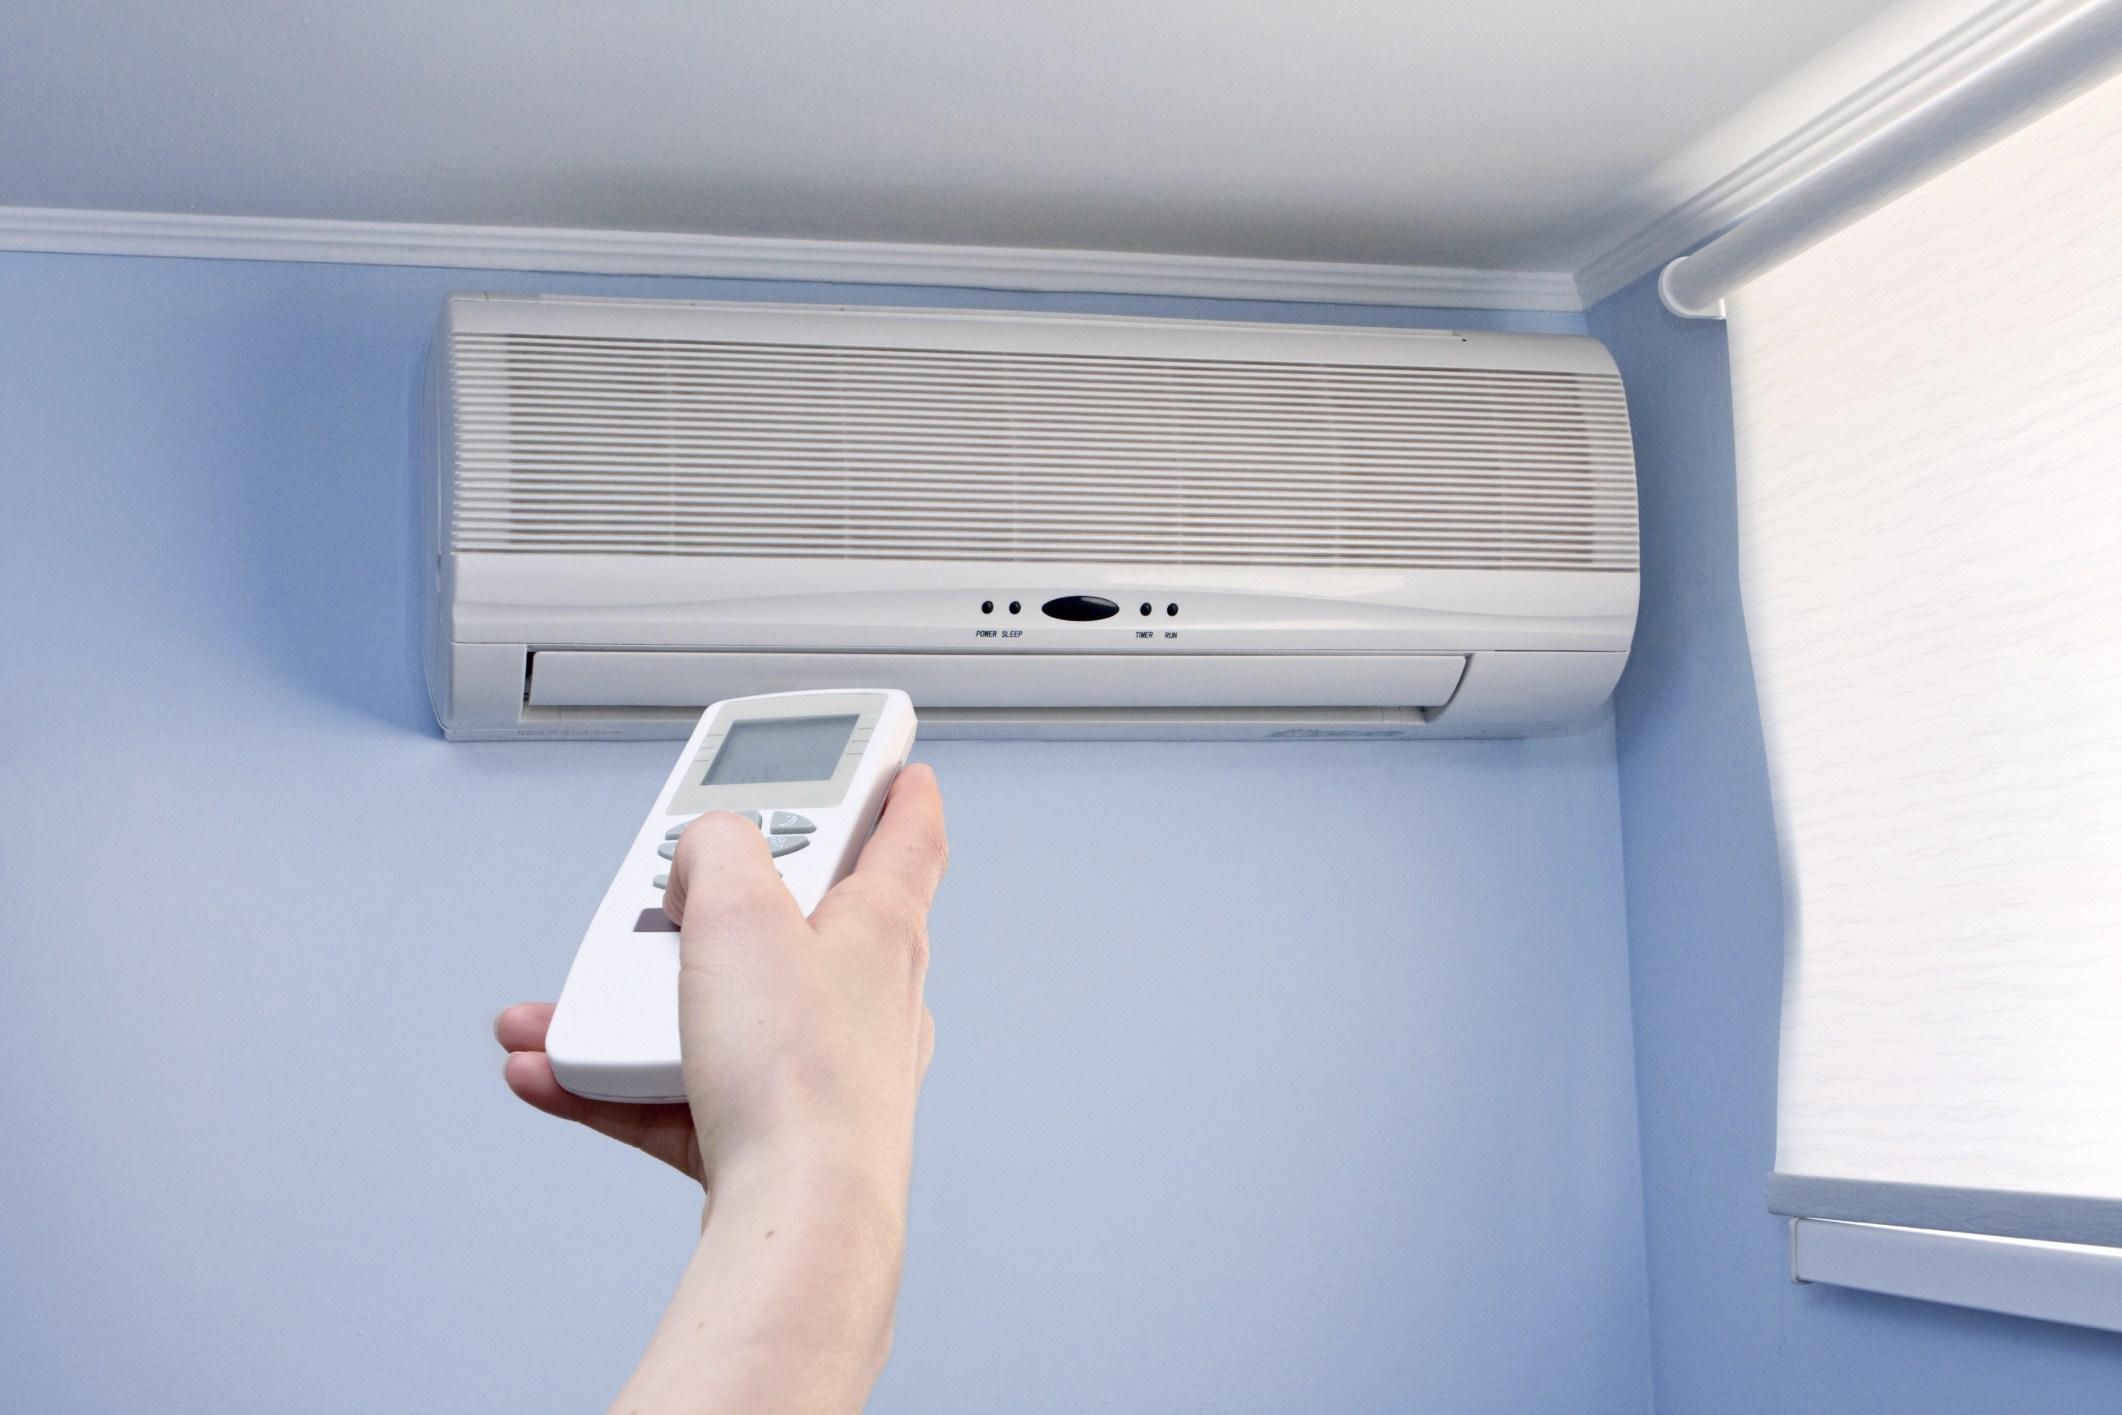 Consumo condizionatore: quanto ti costa il climatizzatore?